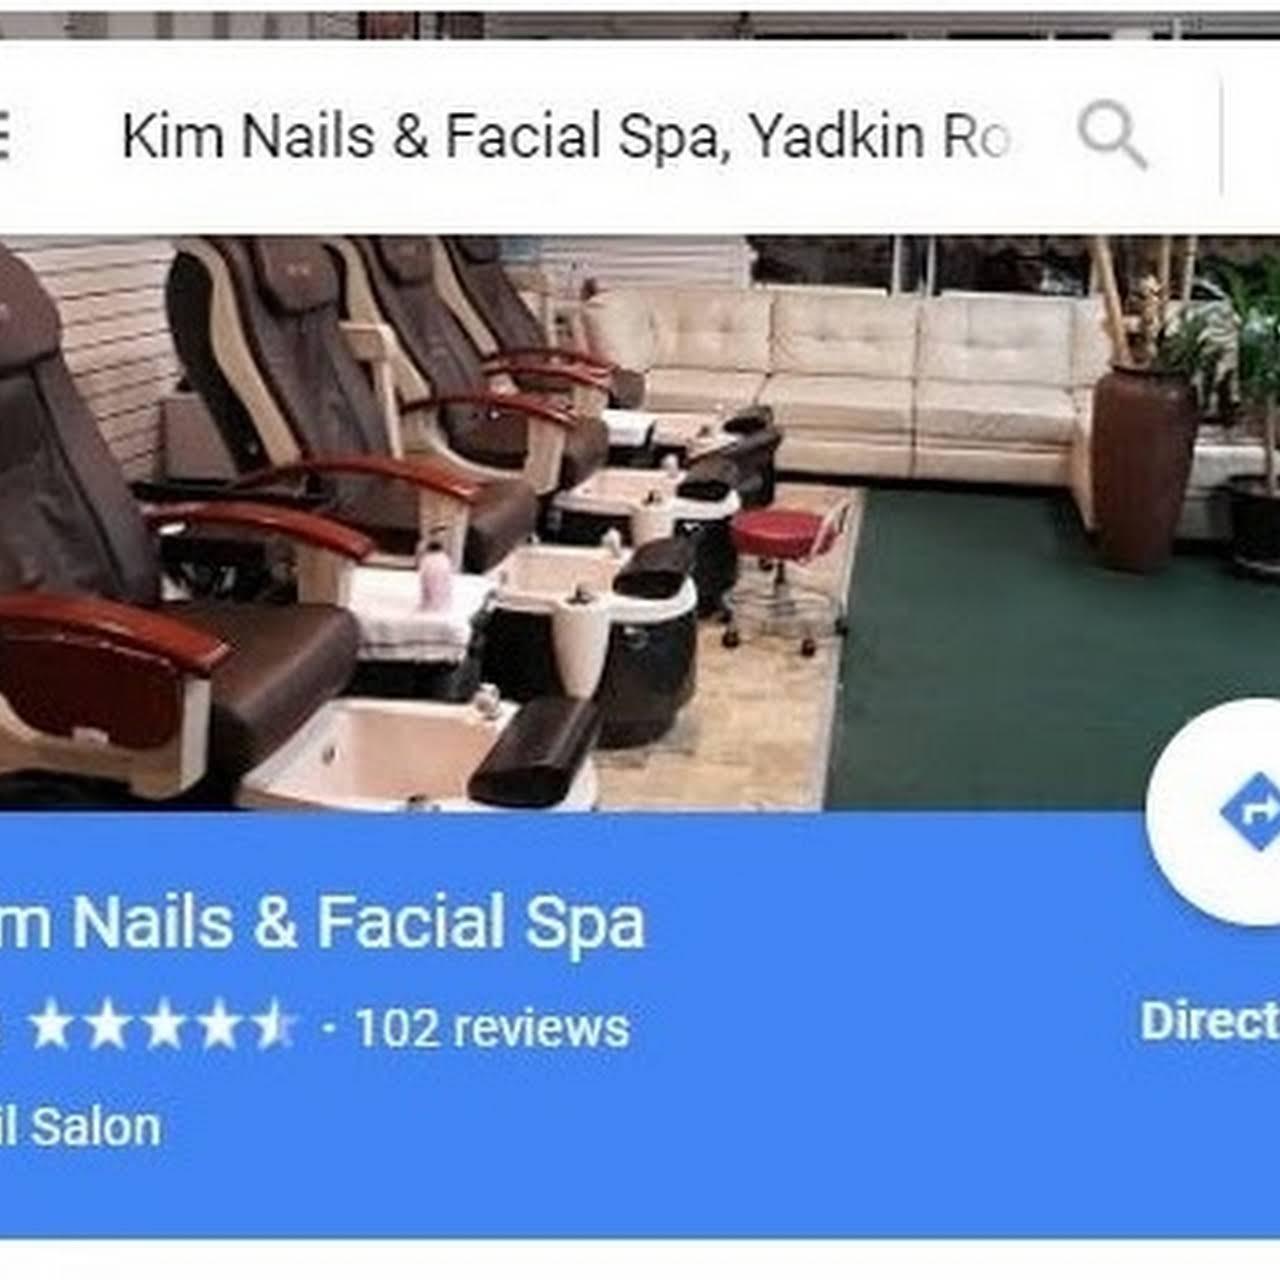 Kim Nails & Facial Spa - Nail Salon and Facial Spa in Fayetteville